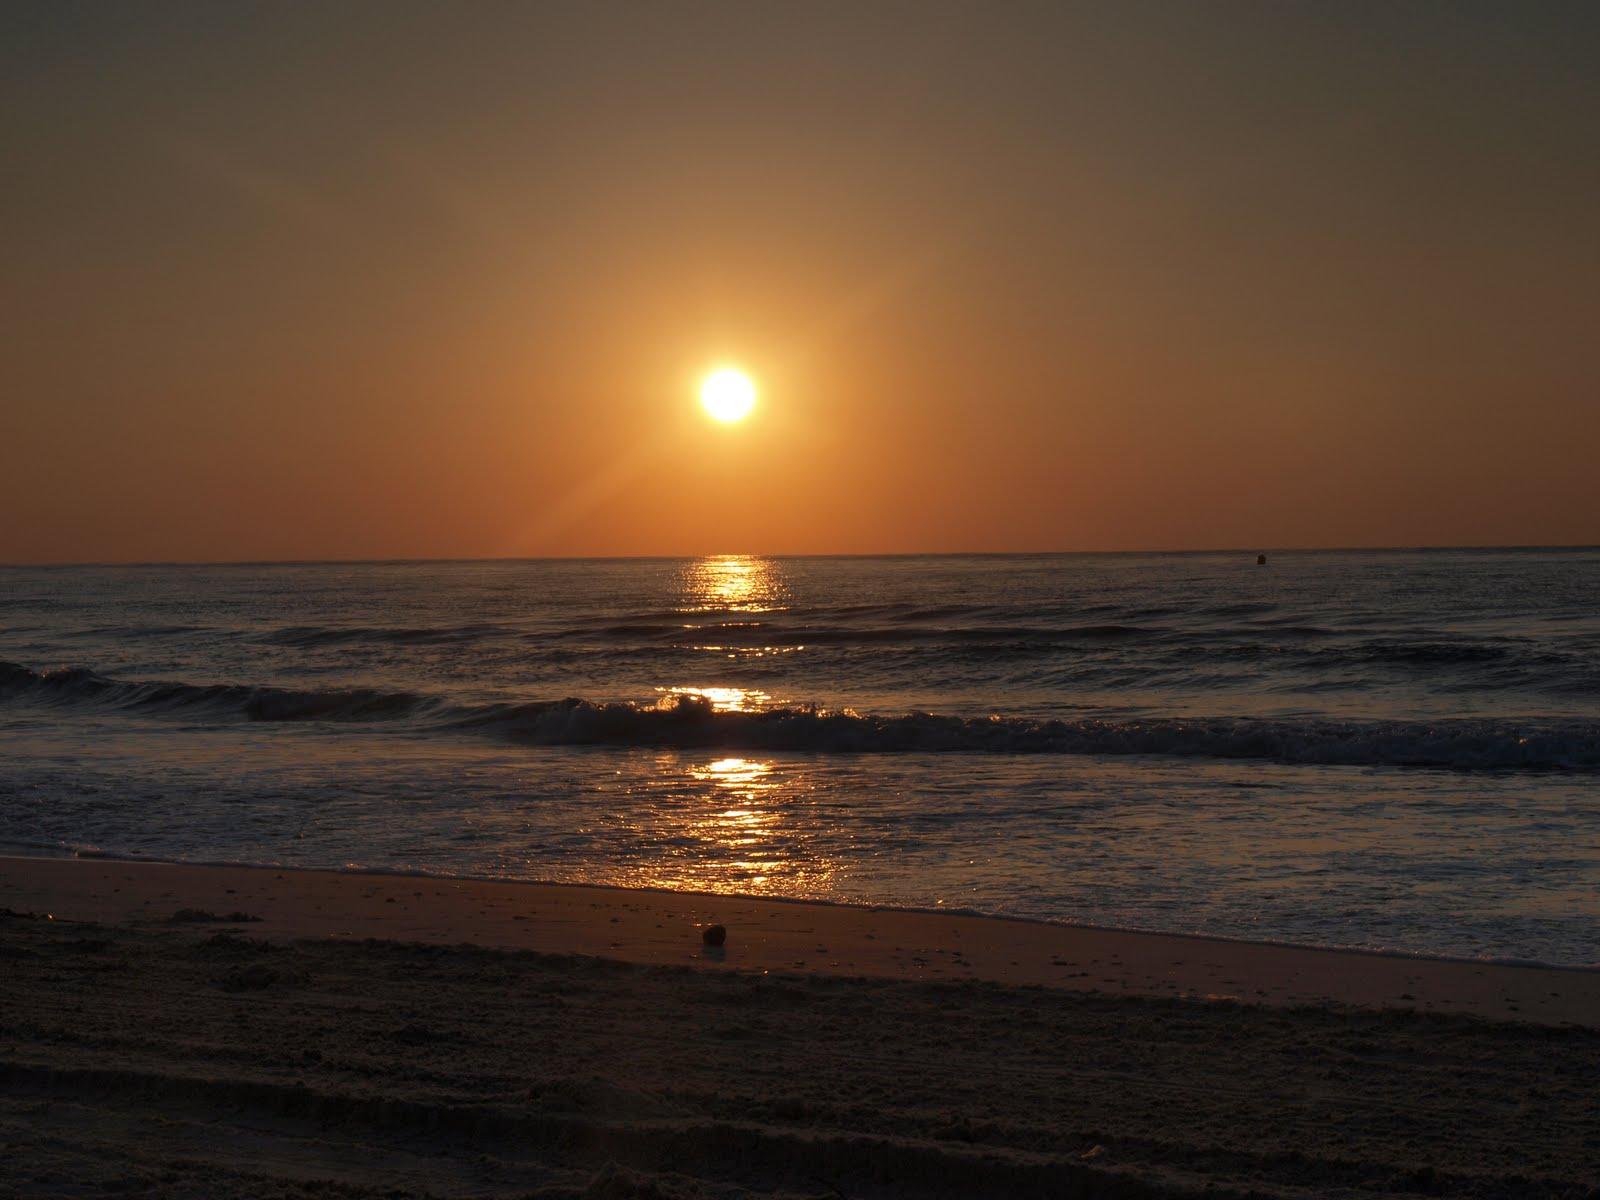 http://2.bp.blogspot.com/_X7cq0i0IwXc/TQAe7USu6eI/AAAAAAAAEvU/IF2Hp0txKEA/s1600/sunset.JPG